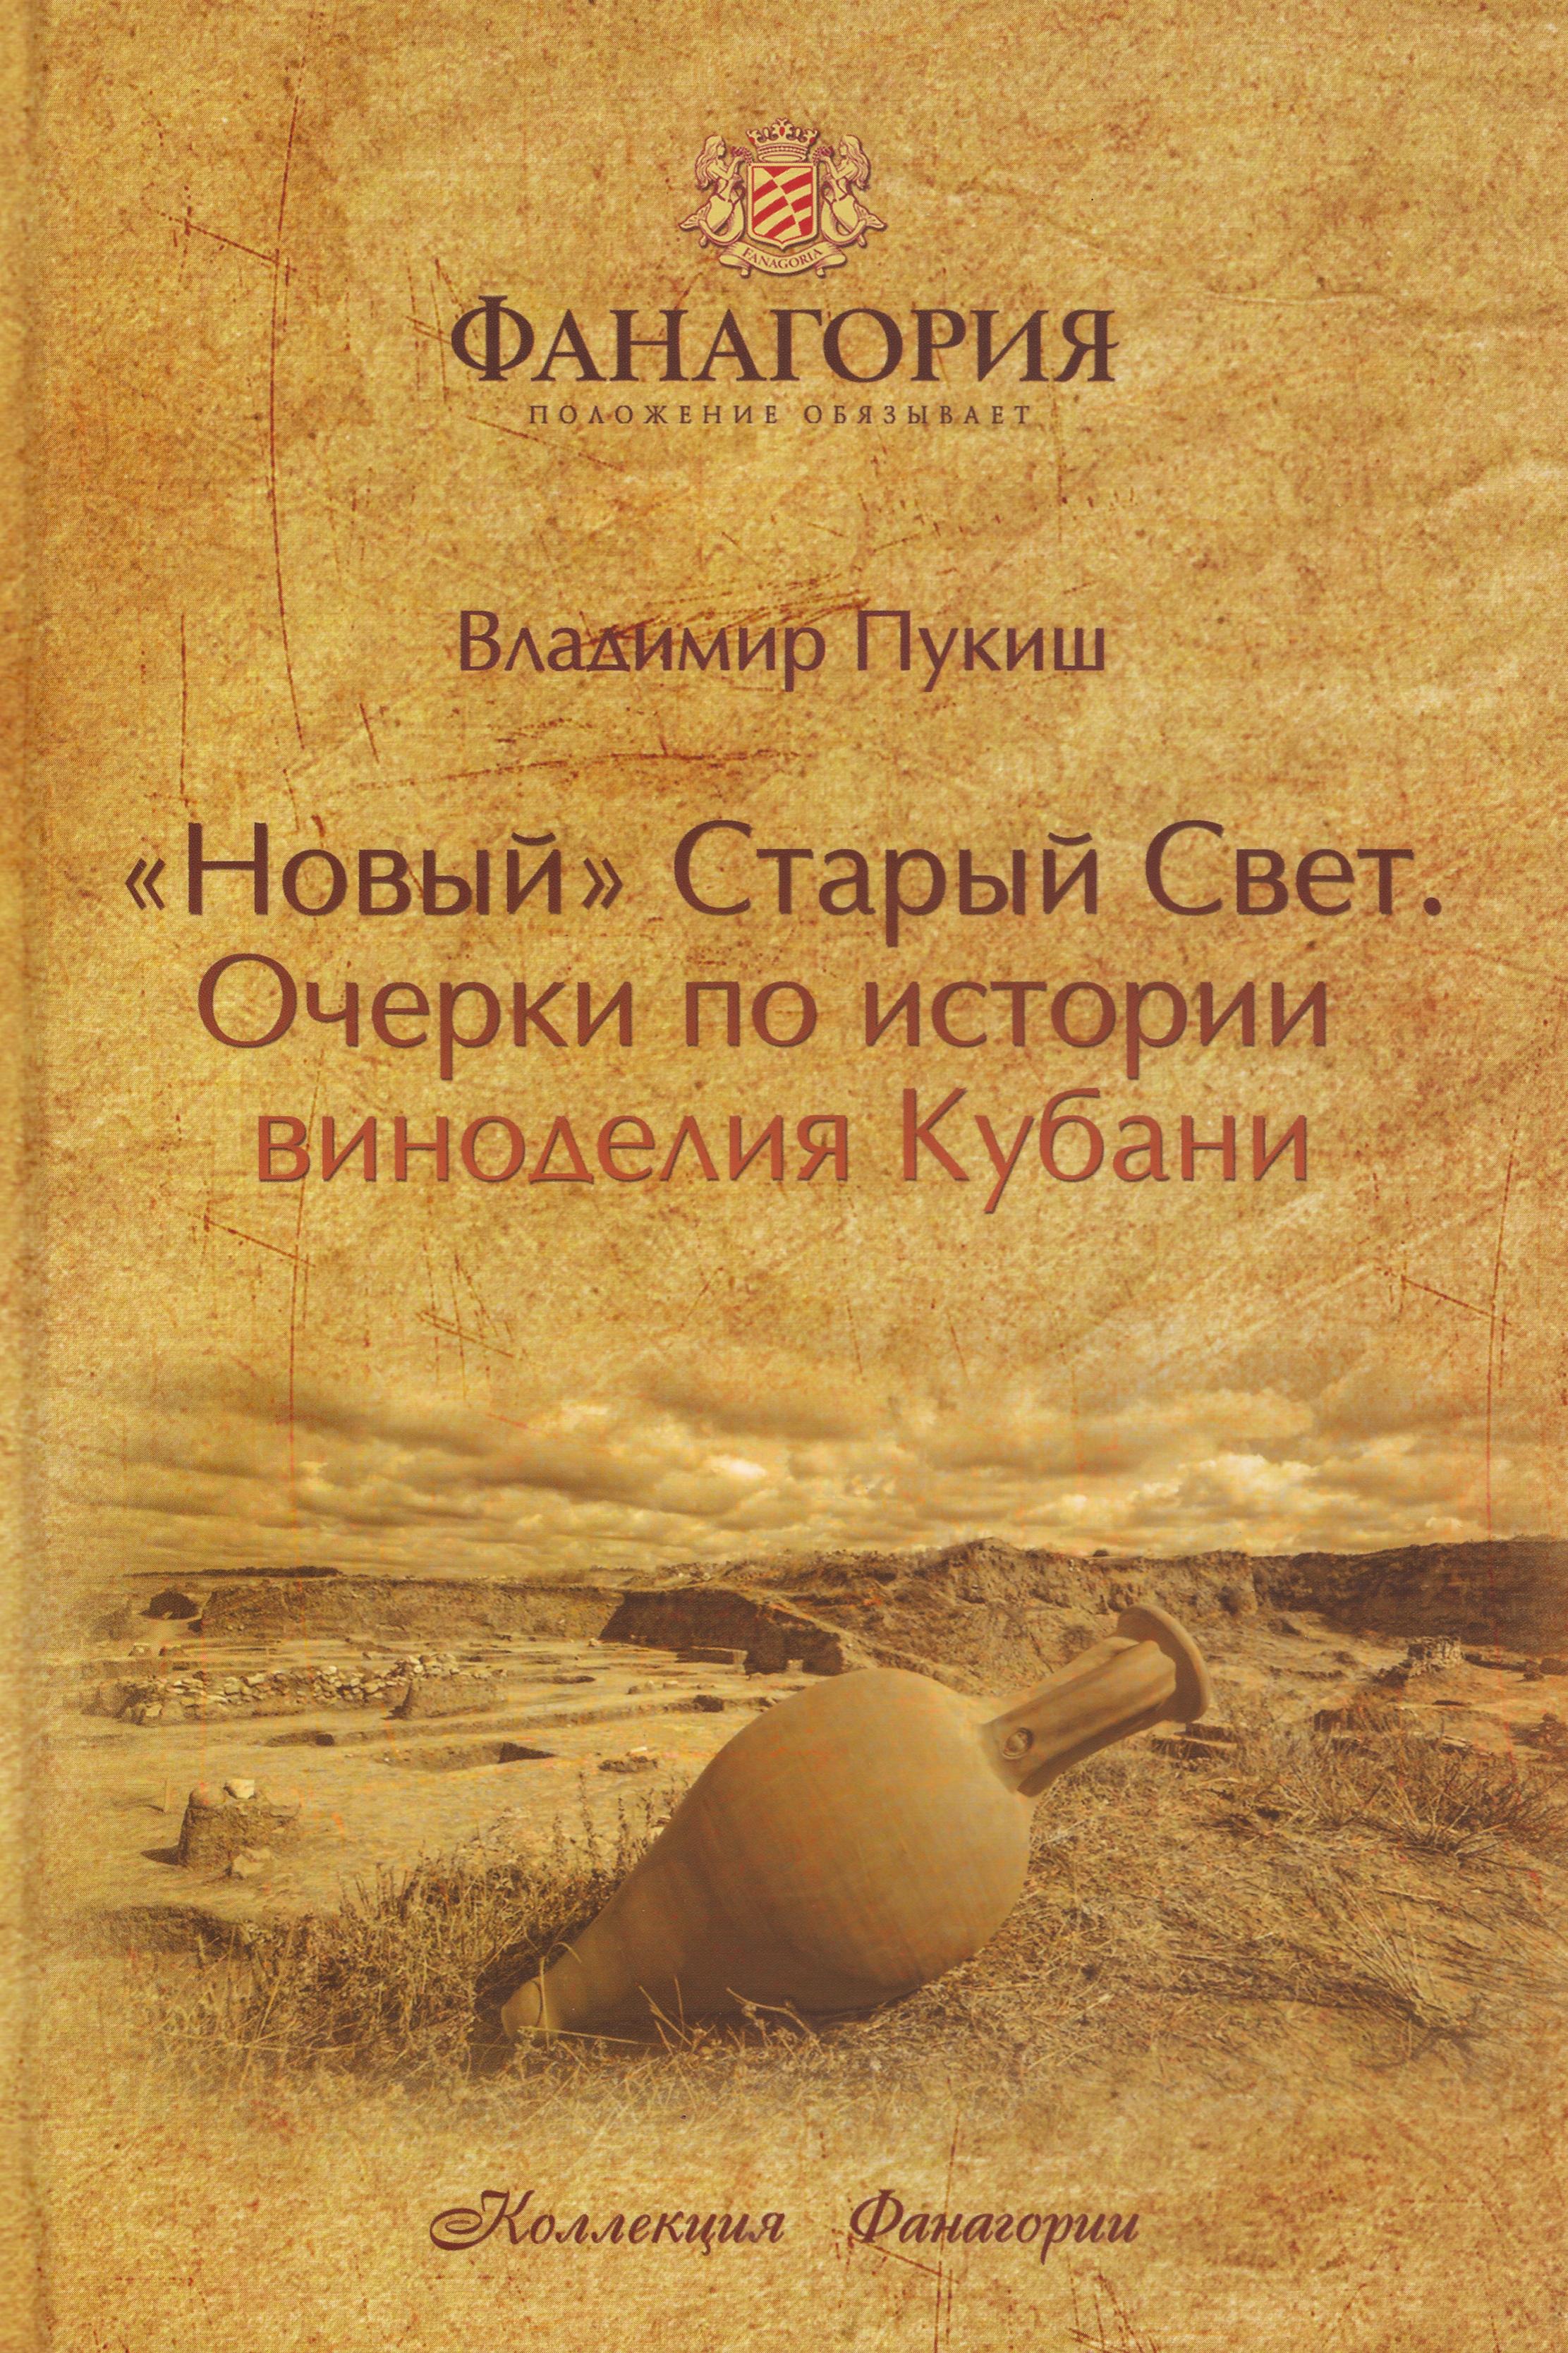 Пукиш. Очерки по истории виноделия